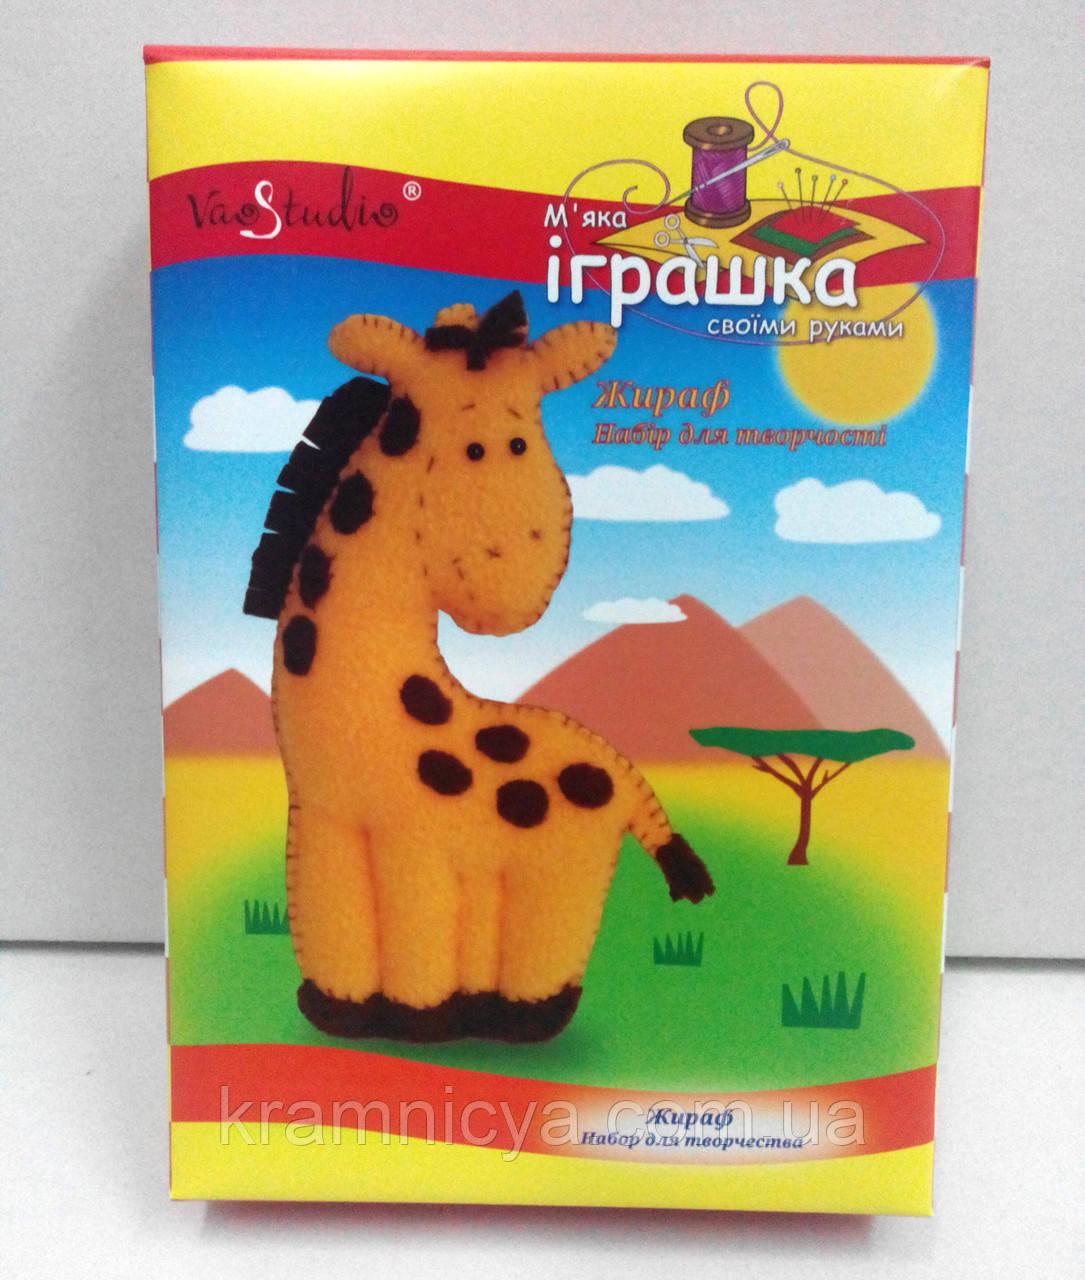 Набор для творчества 'Жираф' (ТК-005), серия Мягкая игрушкa